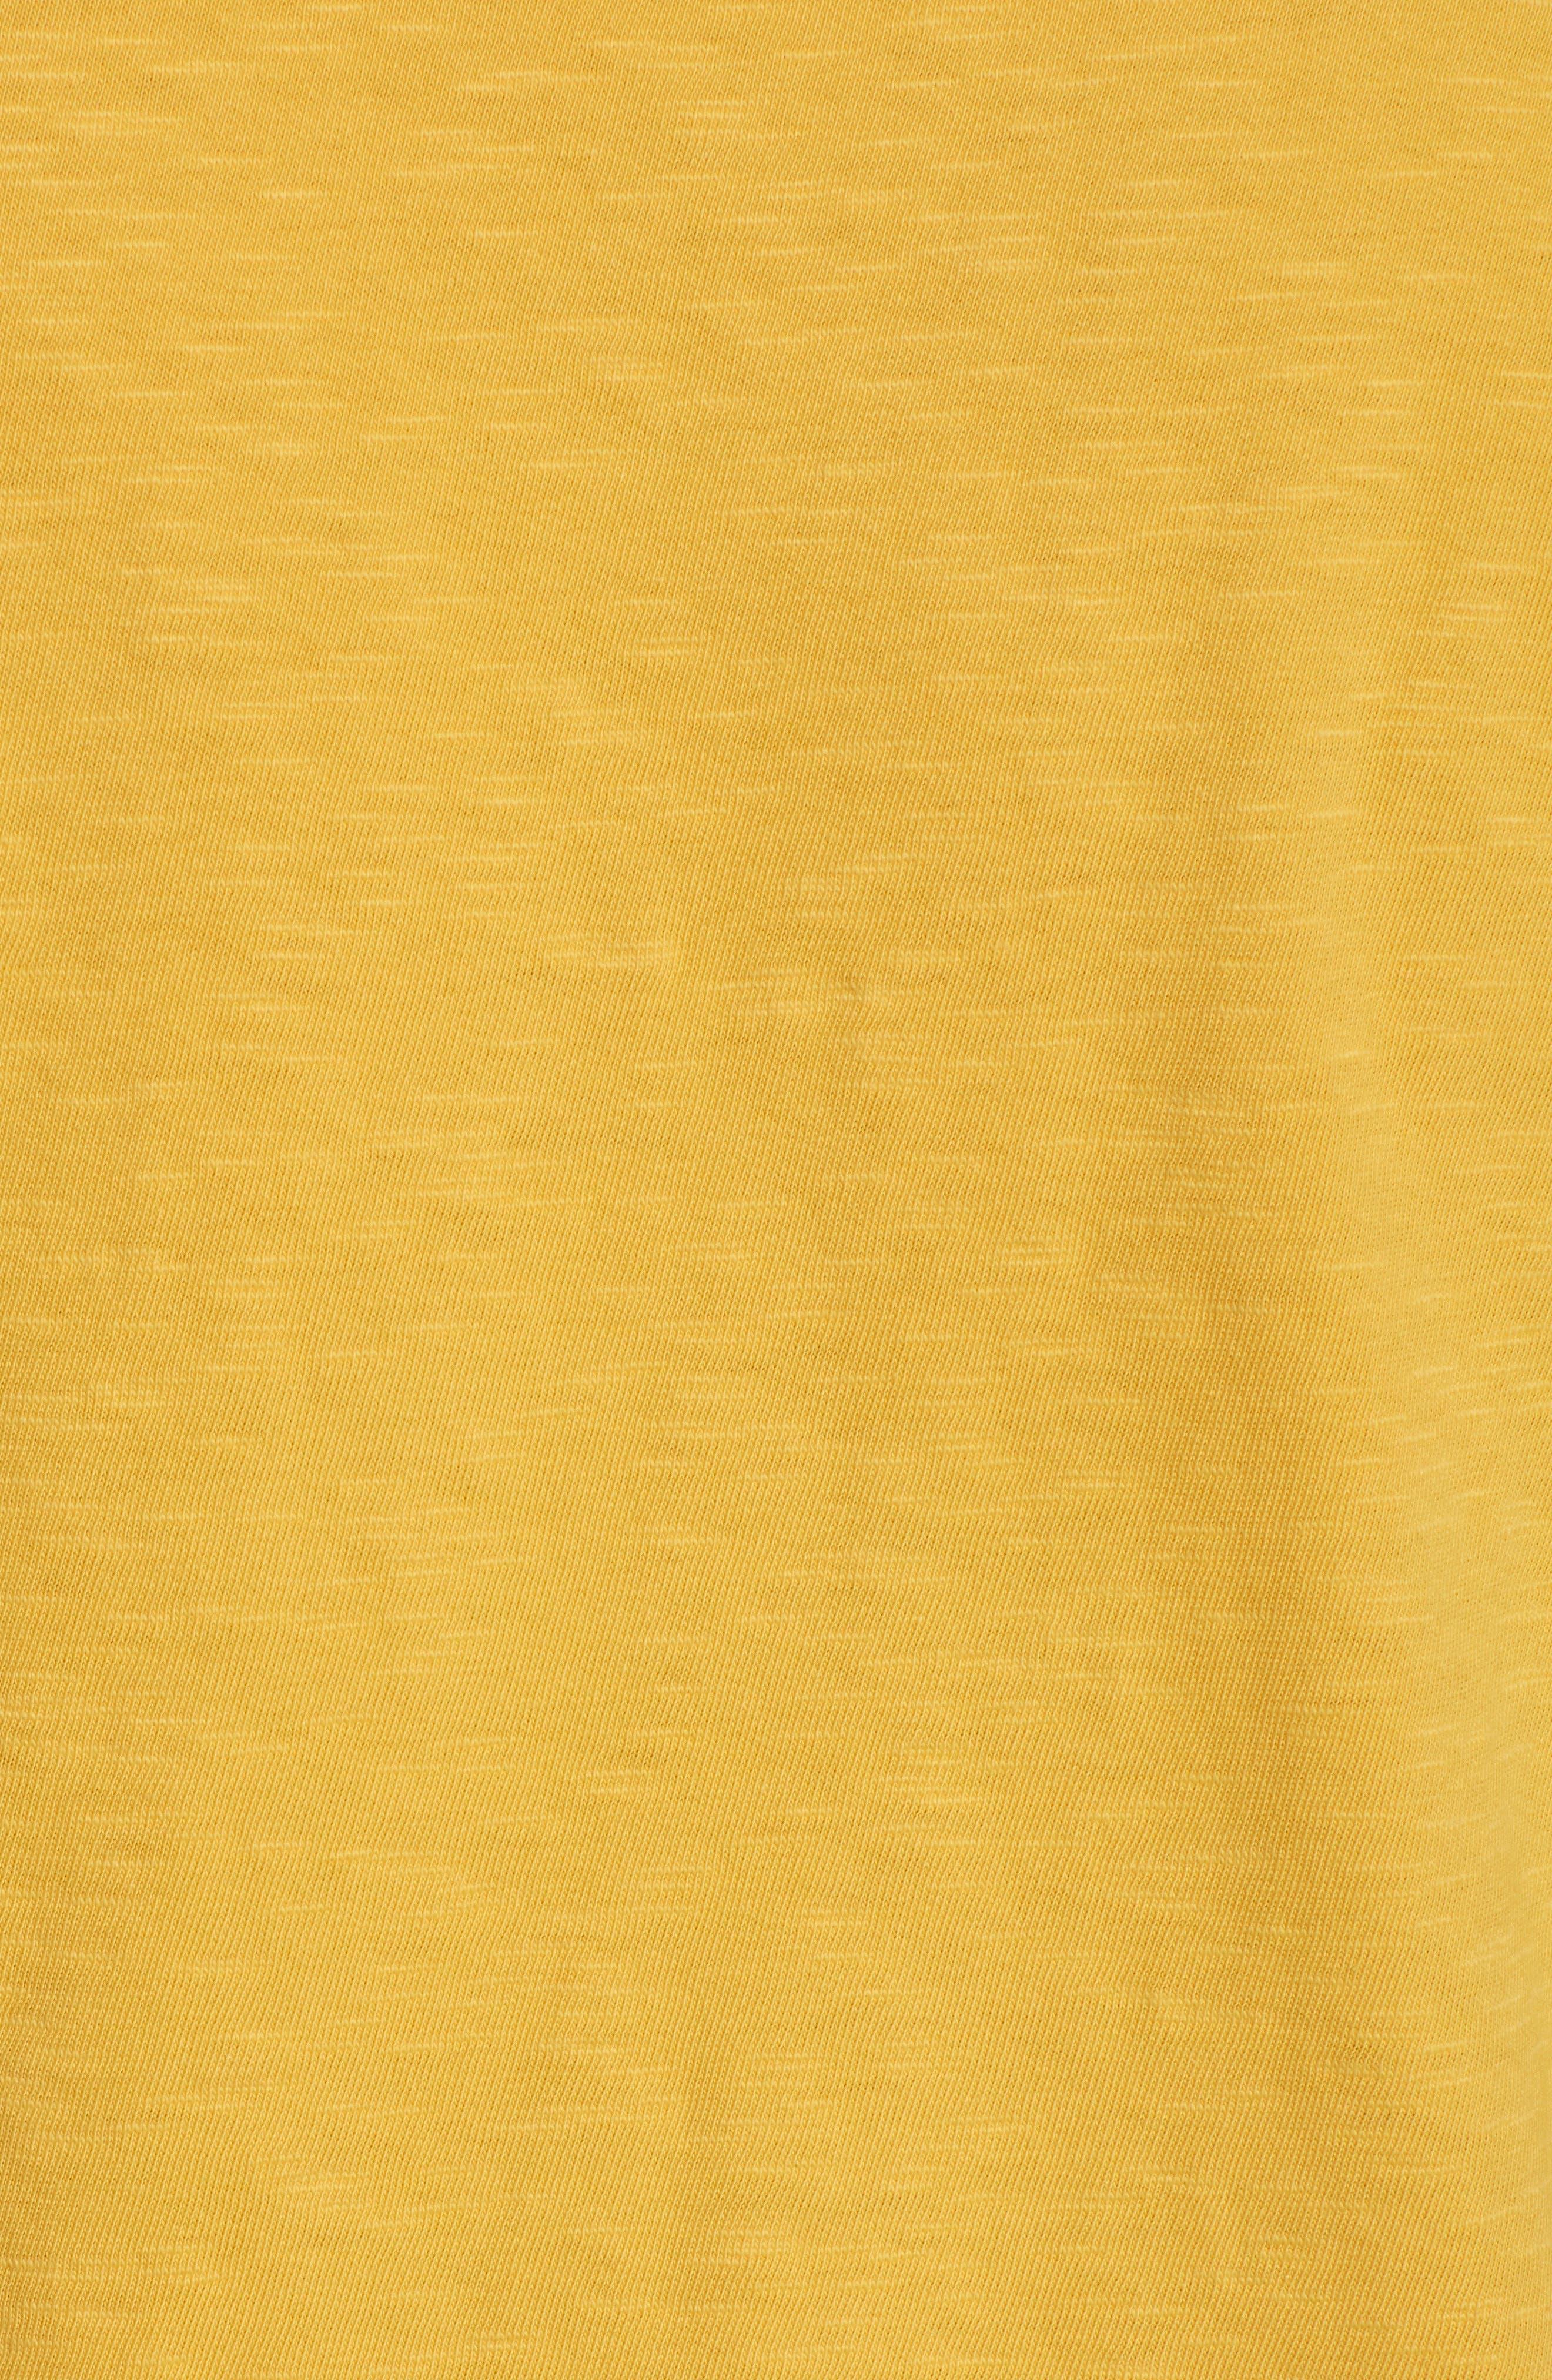 Soleil T-Shirt,                             Alternate thumbnail 5, color,                             731